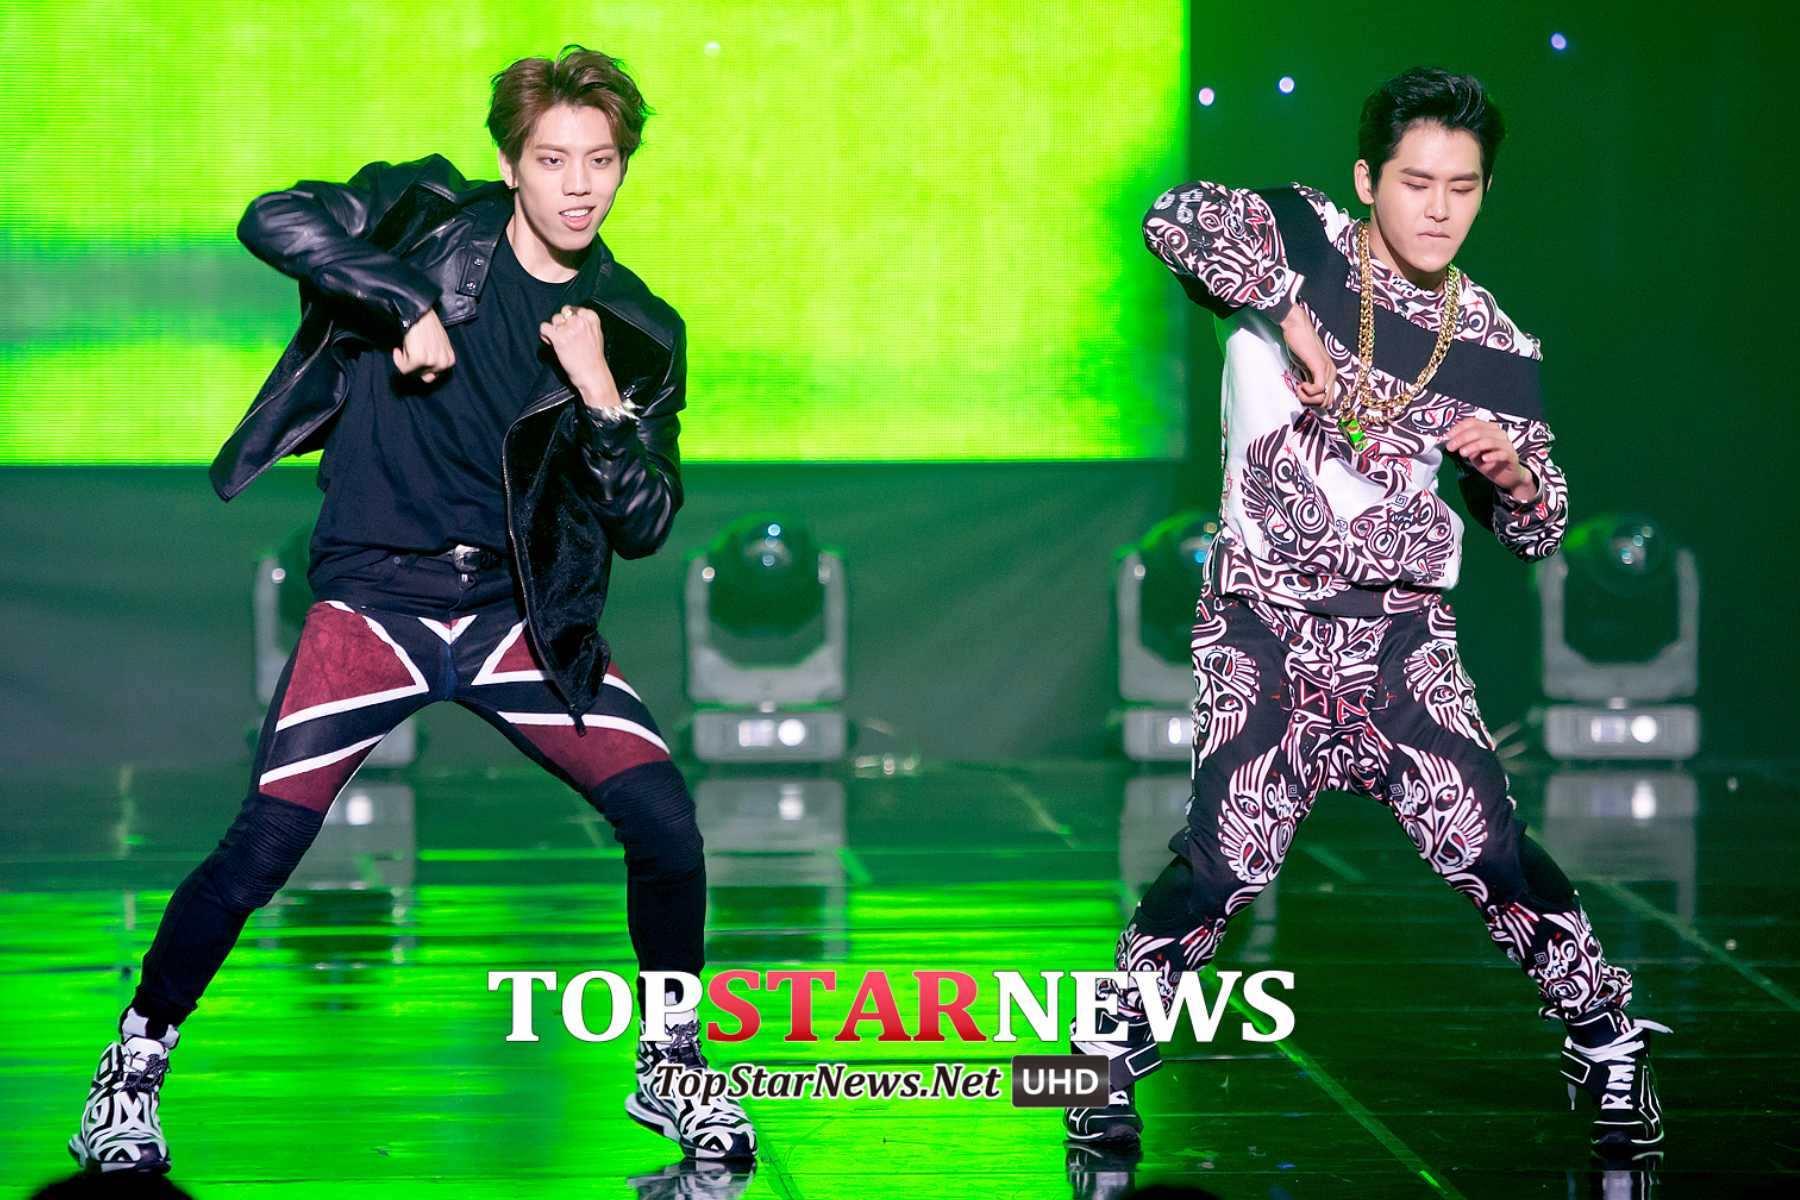 再來就是無限中舞王Rap神東雨跟Hoya~~~~ 兩個人的INFINITE H呈現出不同團體的獨特魅力!把頑童、舞蹈、舞台魅力發揮的淋漓盡致!